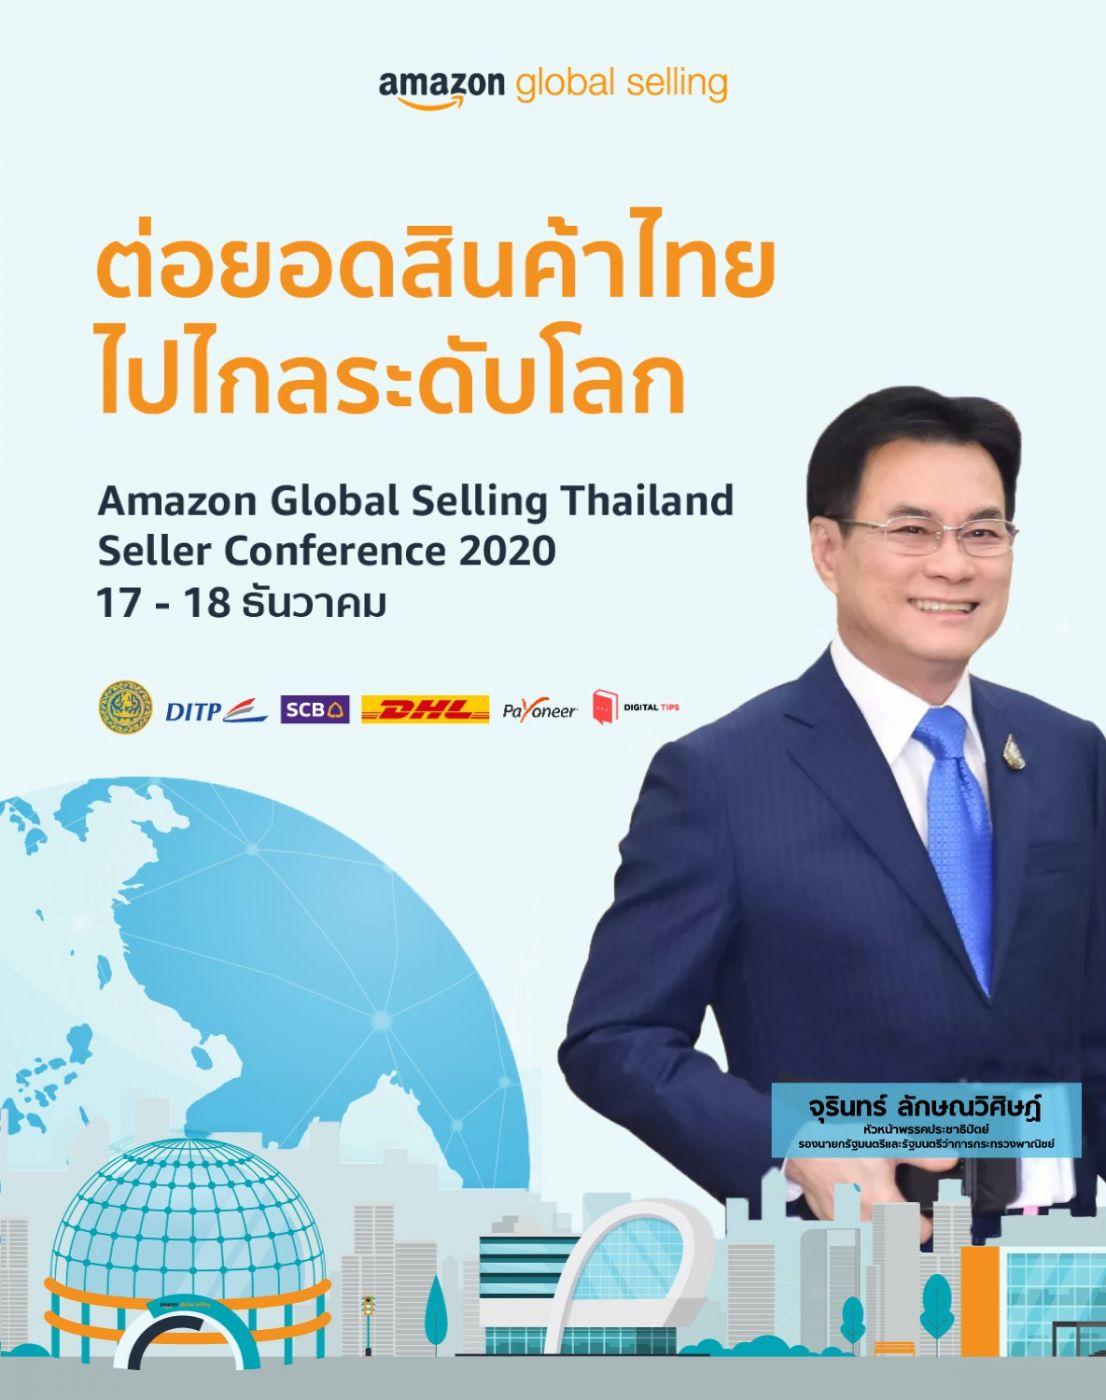 """""""จุรินทร์"""" จับมือ Amazon.com ดันสินค้าไทยเข้าสู่ตลาดสหรัฐอเมริกา สร้างยอด 500 ล้านบาทภายใน 3 ปี"""""""